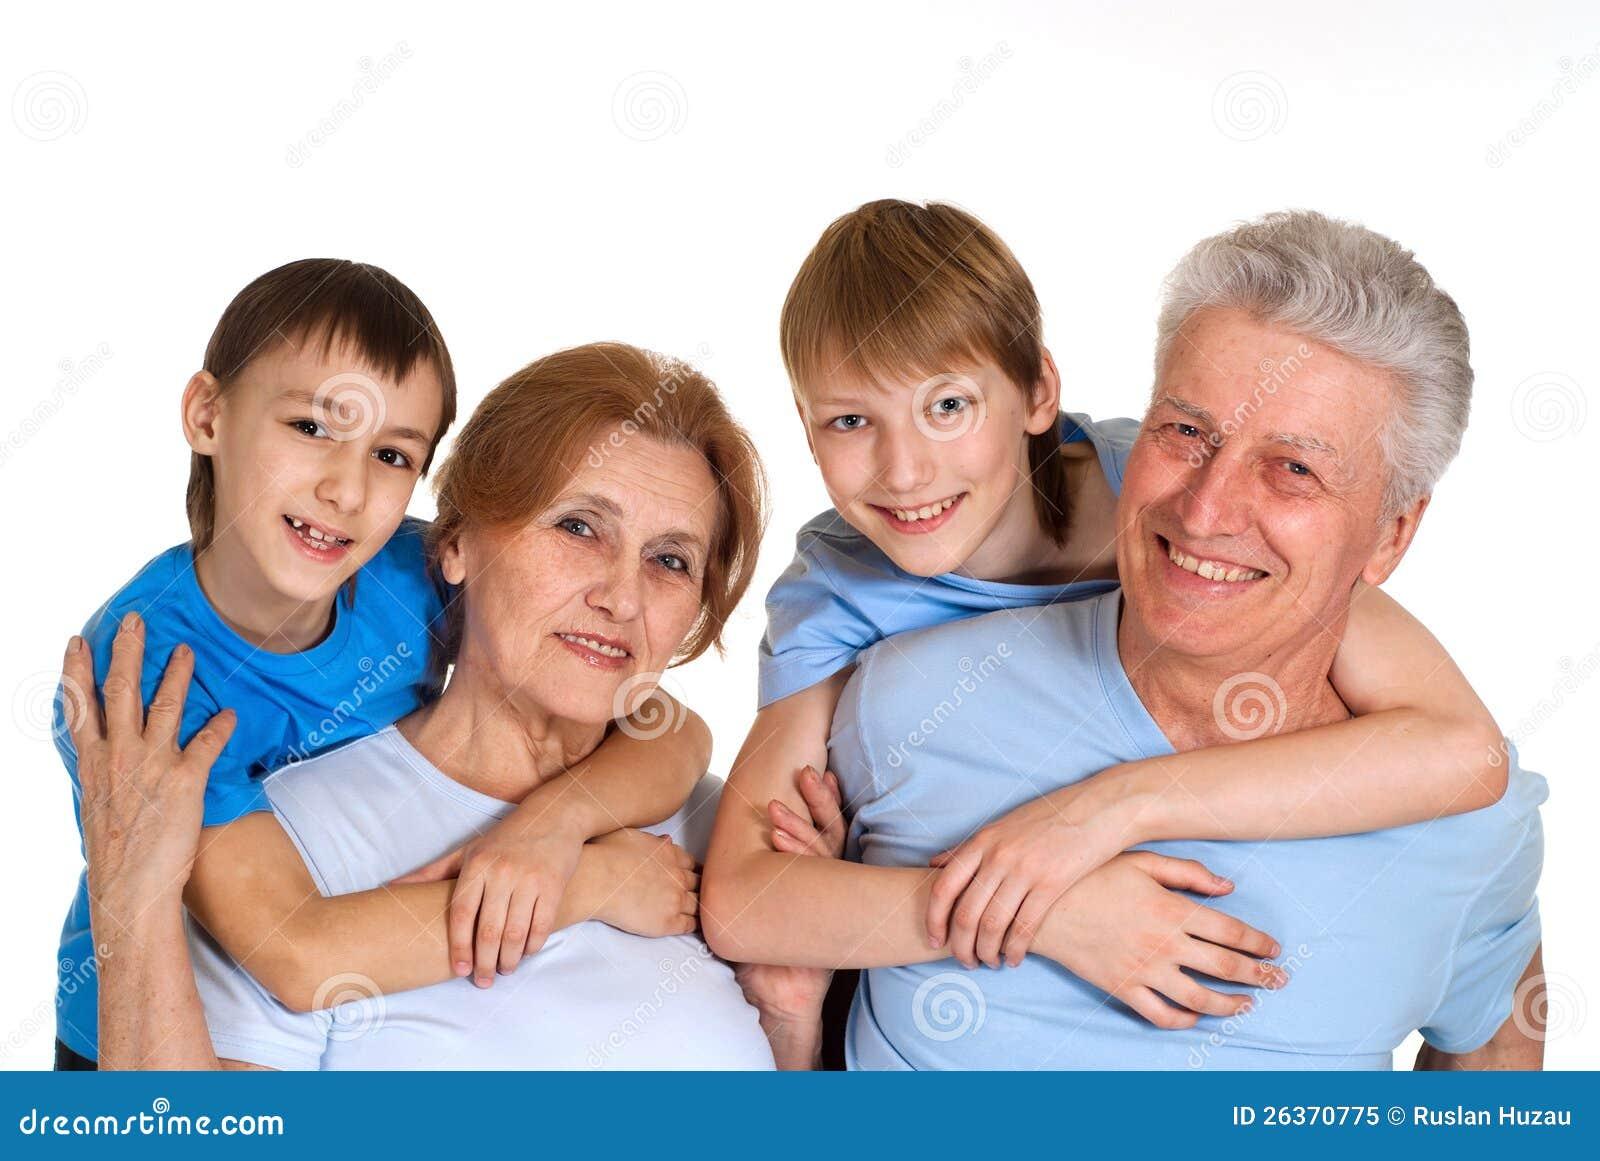 Entzückende Familie, die eine gute Freizeit hat